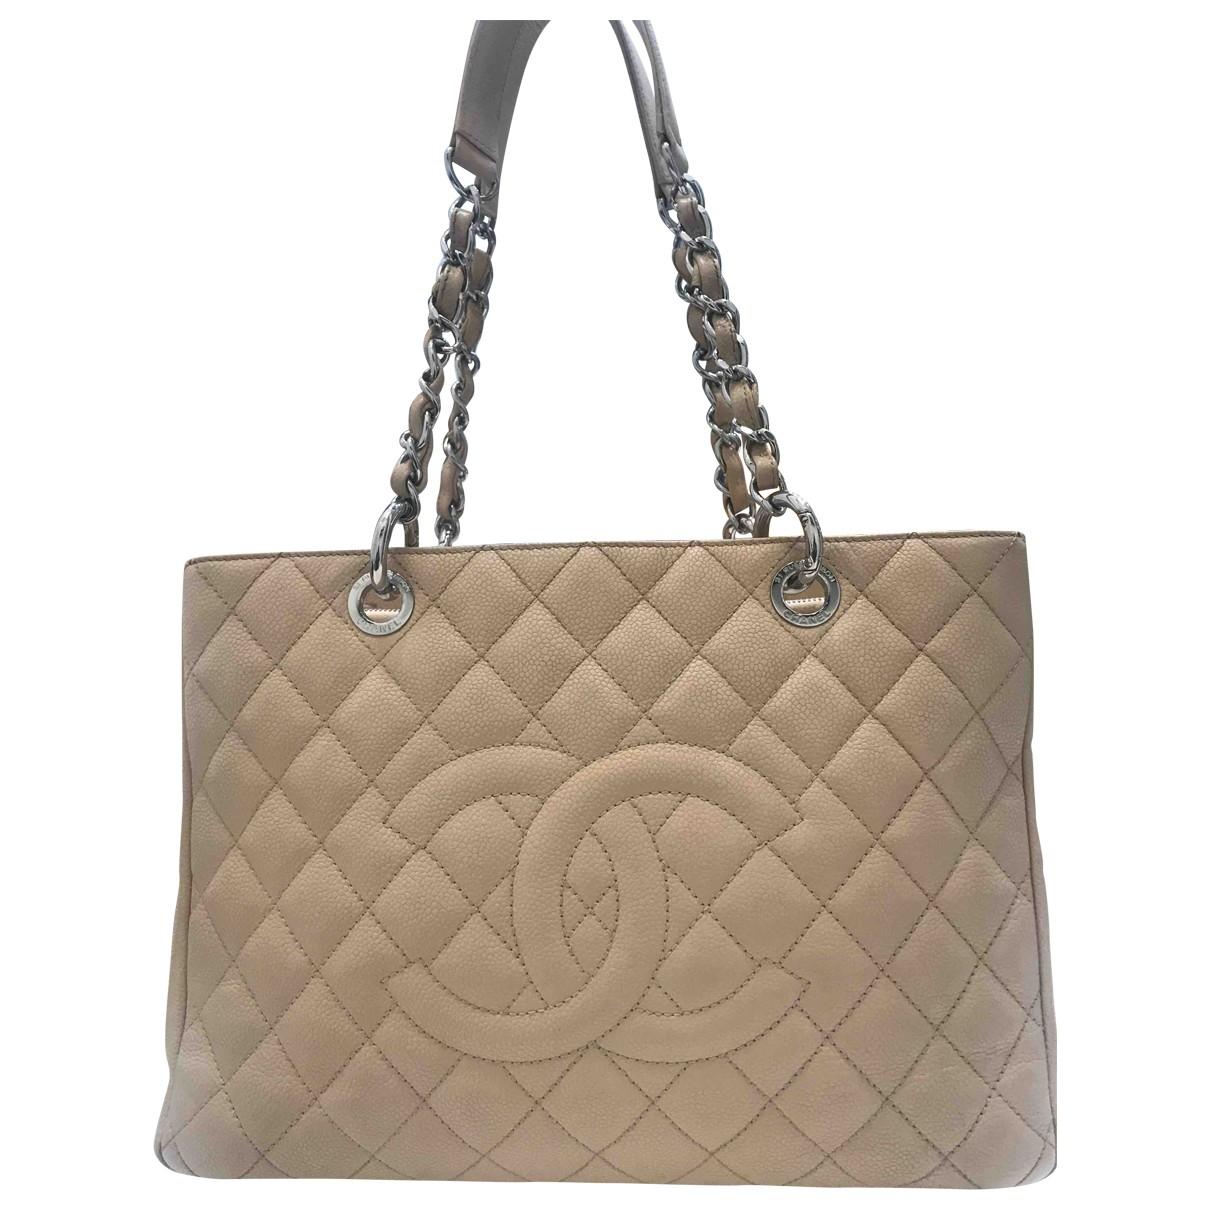 Chanel - Sac a main Grand shopping pour femme en cuir - beige